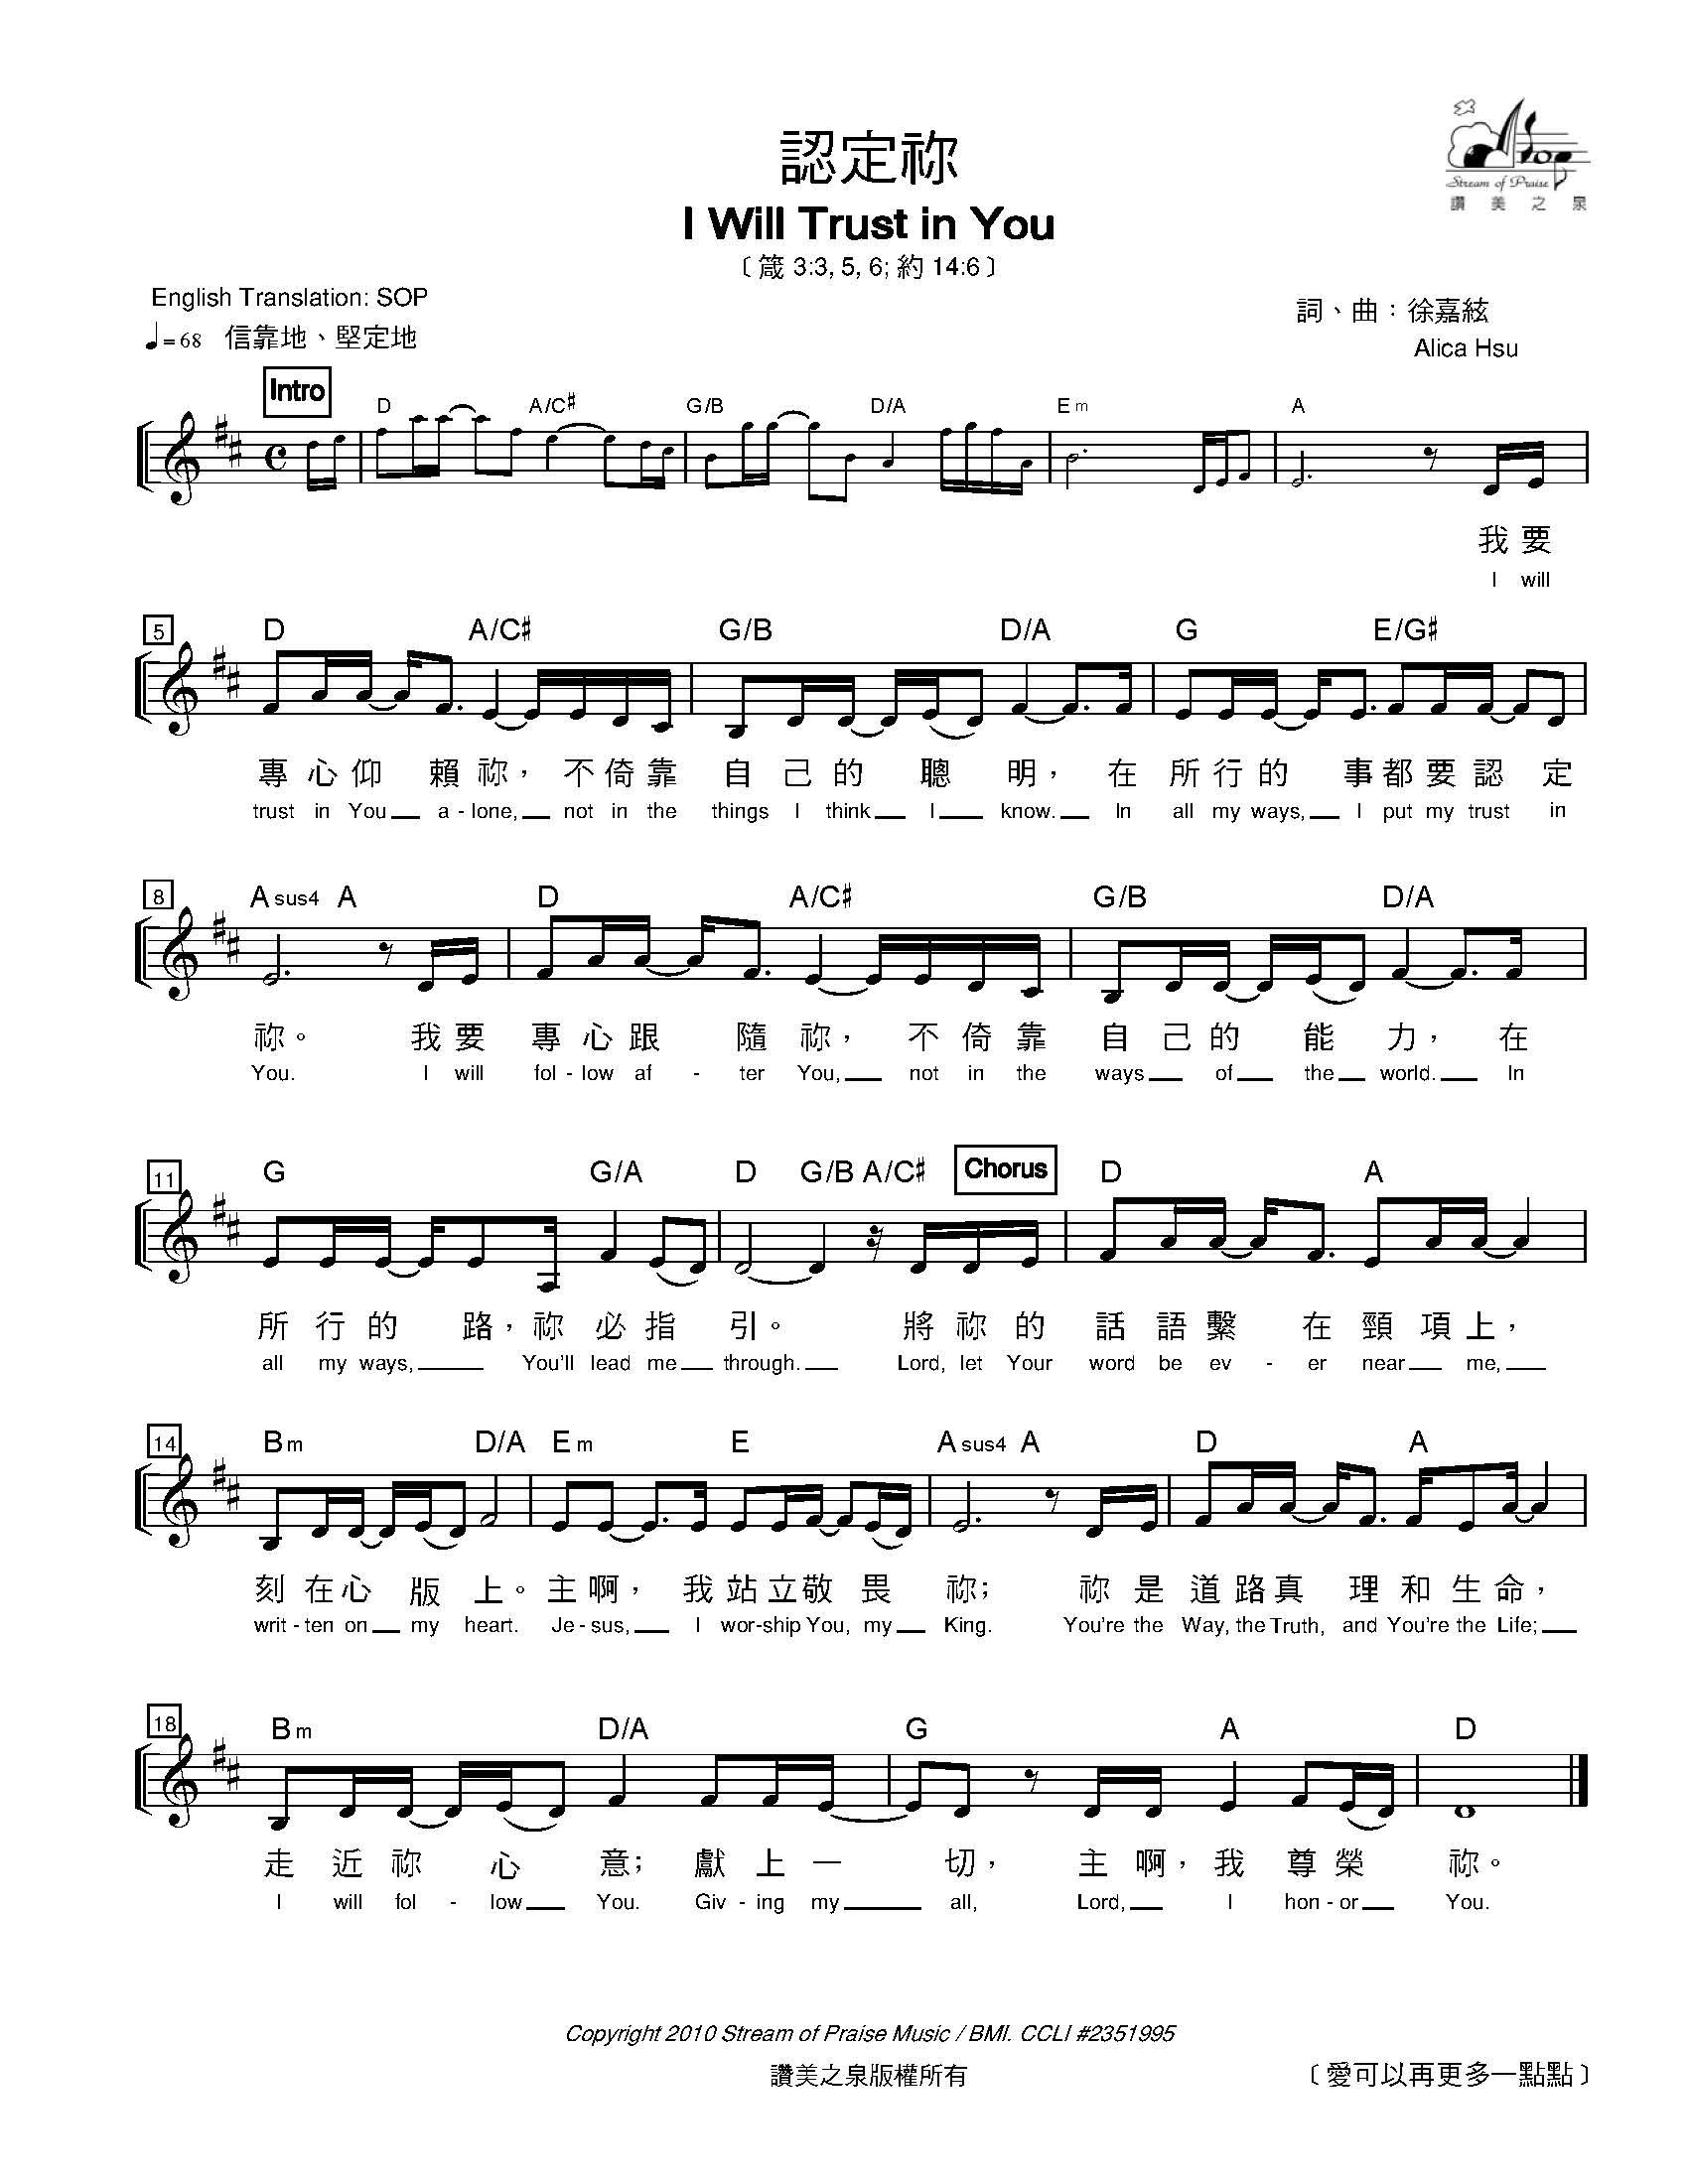 声声慢钢琴简谱_声声慢钢琴简谱完整